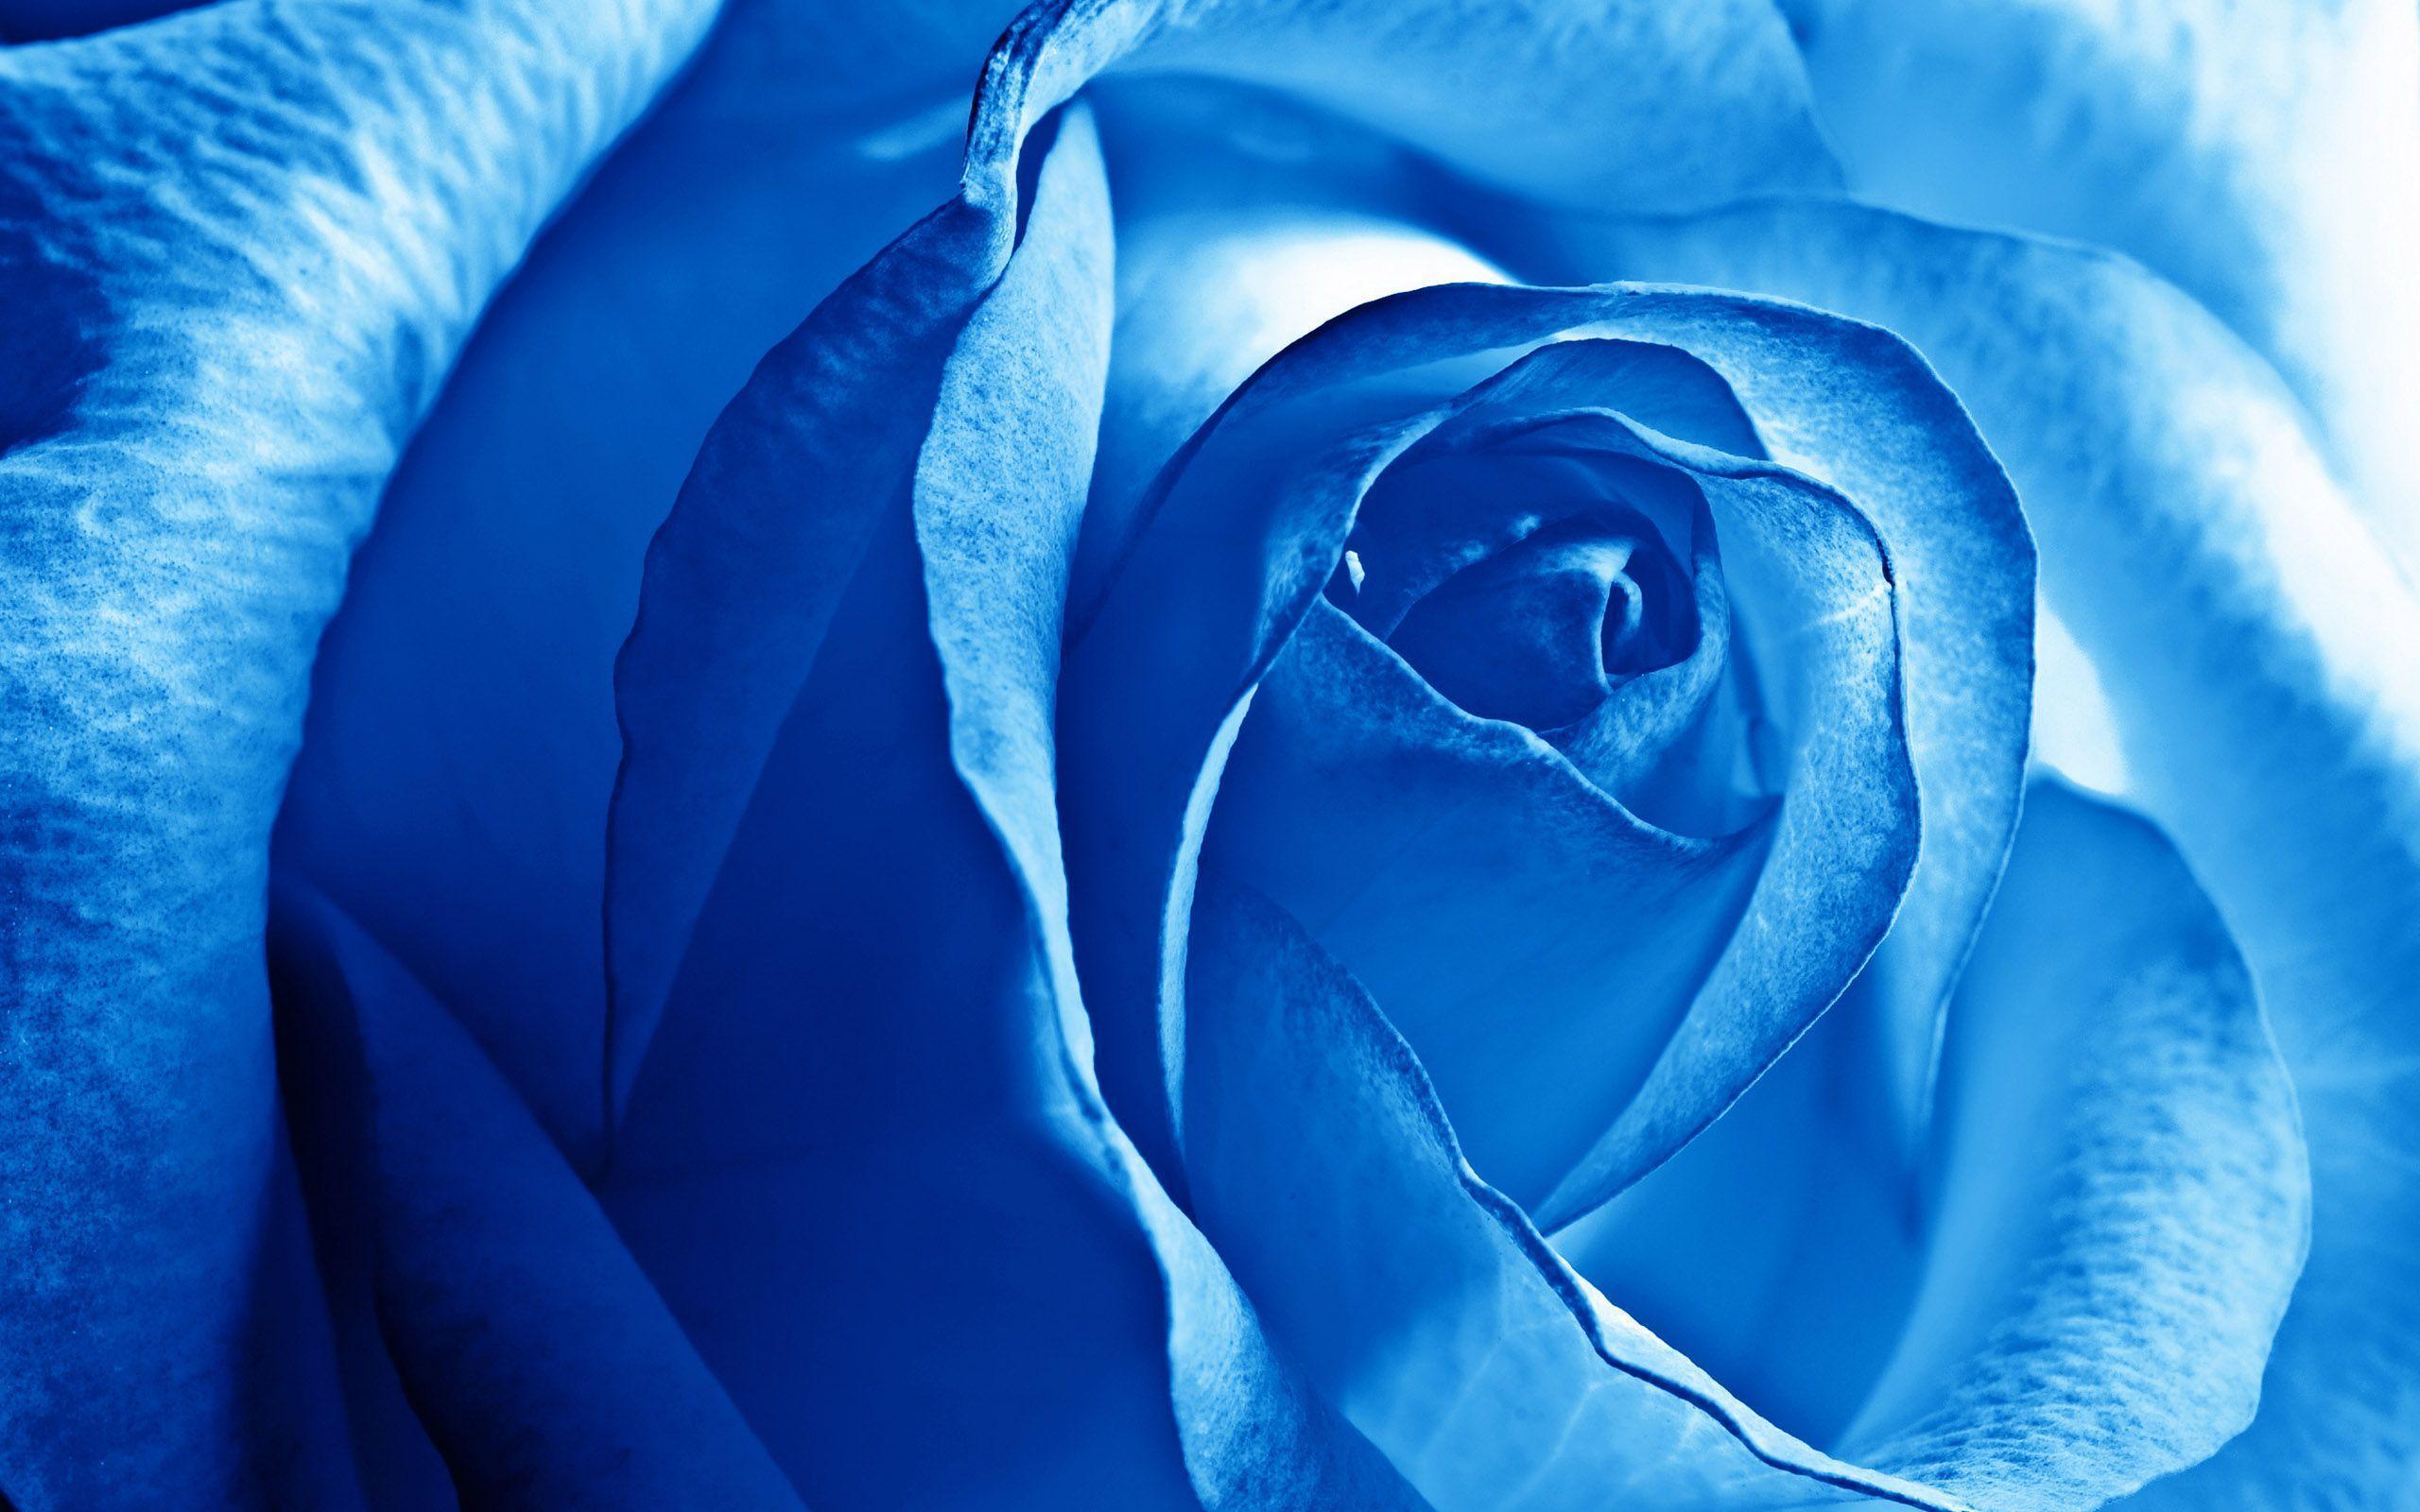 tải ảnh hoa hồng xanh